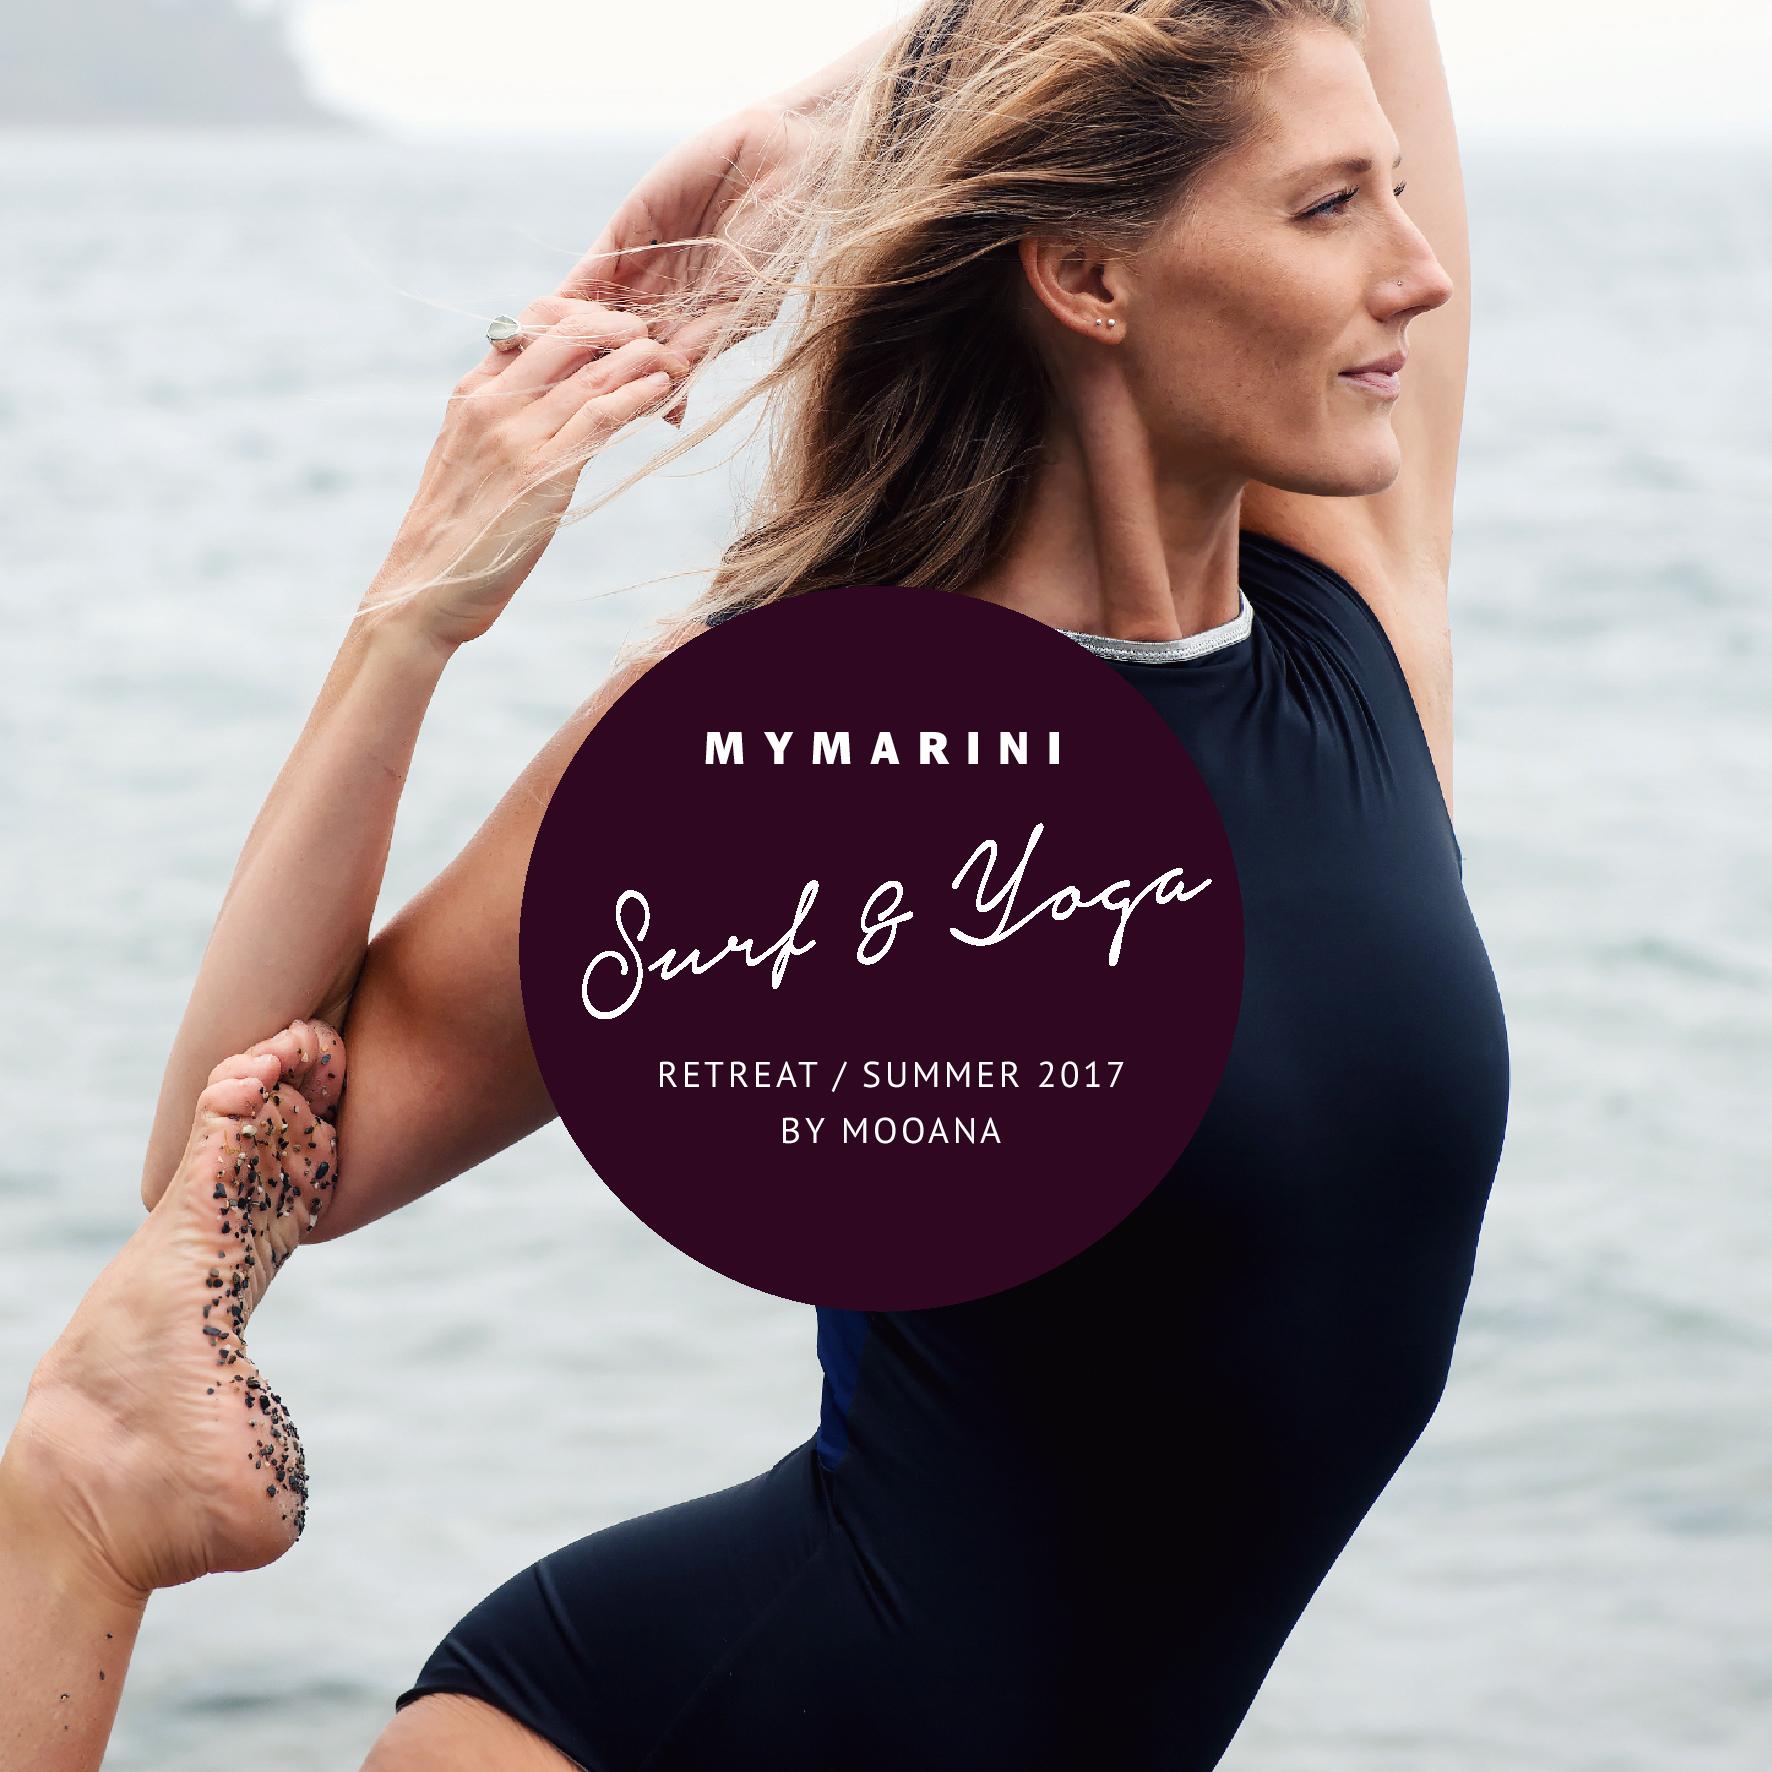 mymarini-surf-yoga-retreat-Instagram7.jpeg